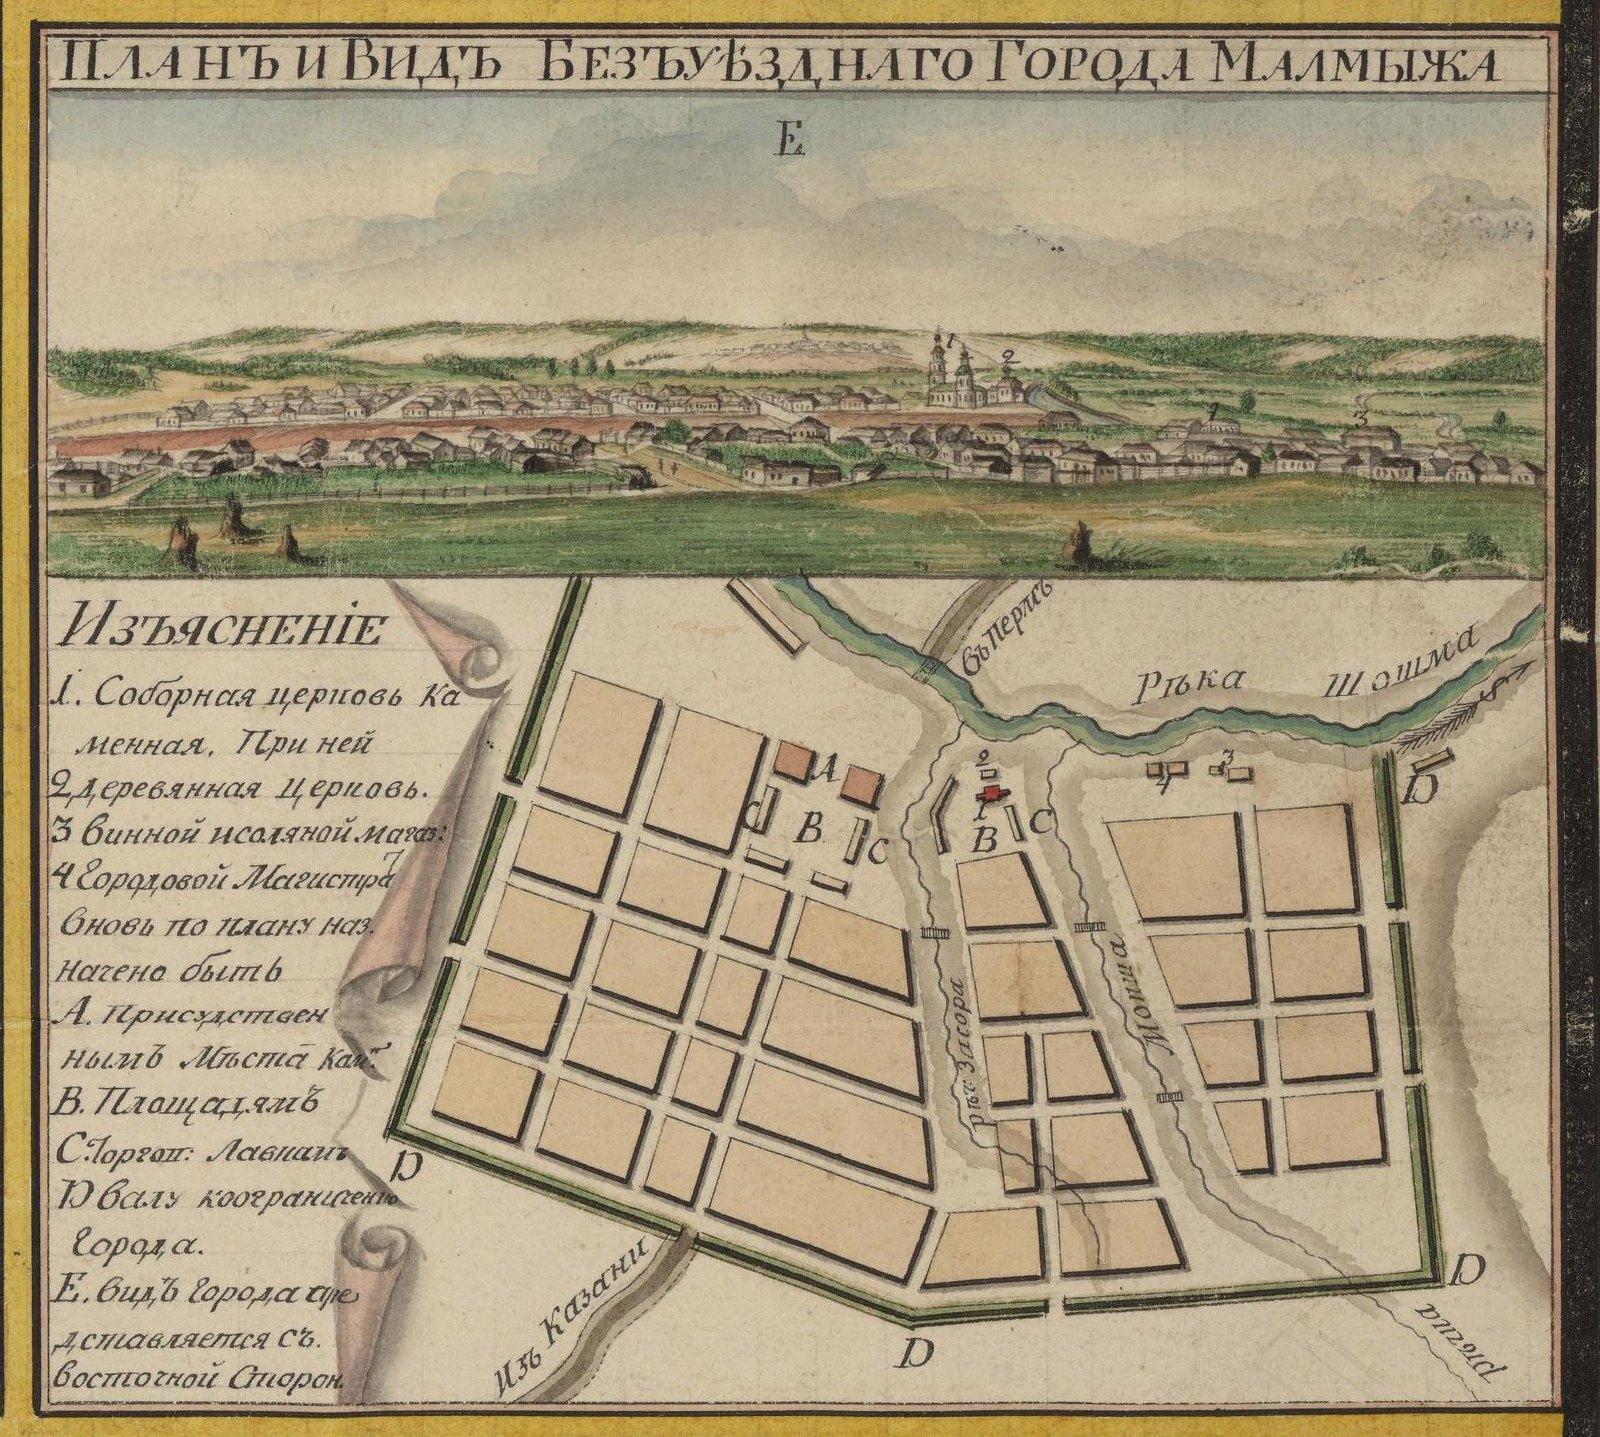 Генеральная карта Вятской губернии с планами и видами городов. 1806 - Copy (11)